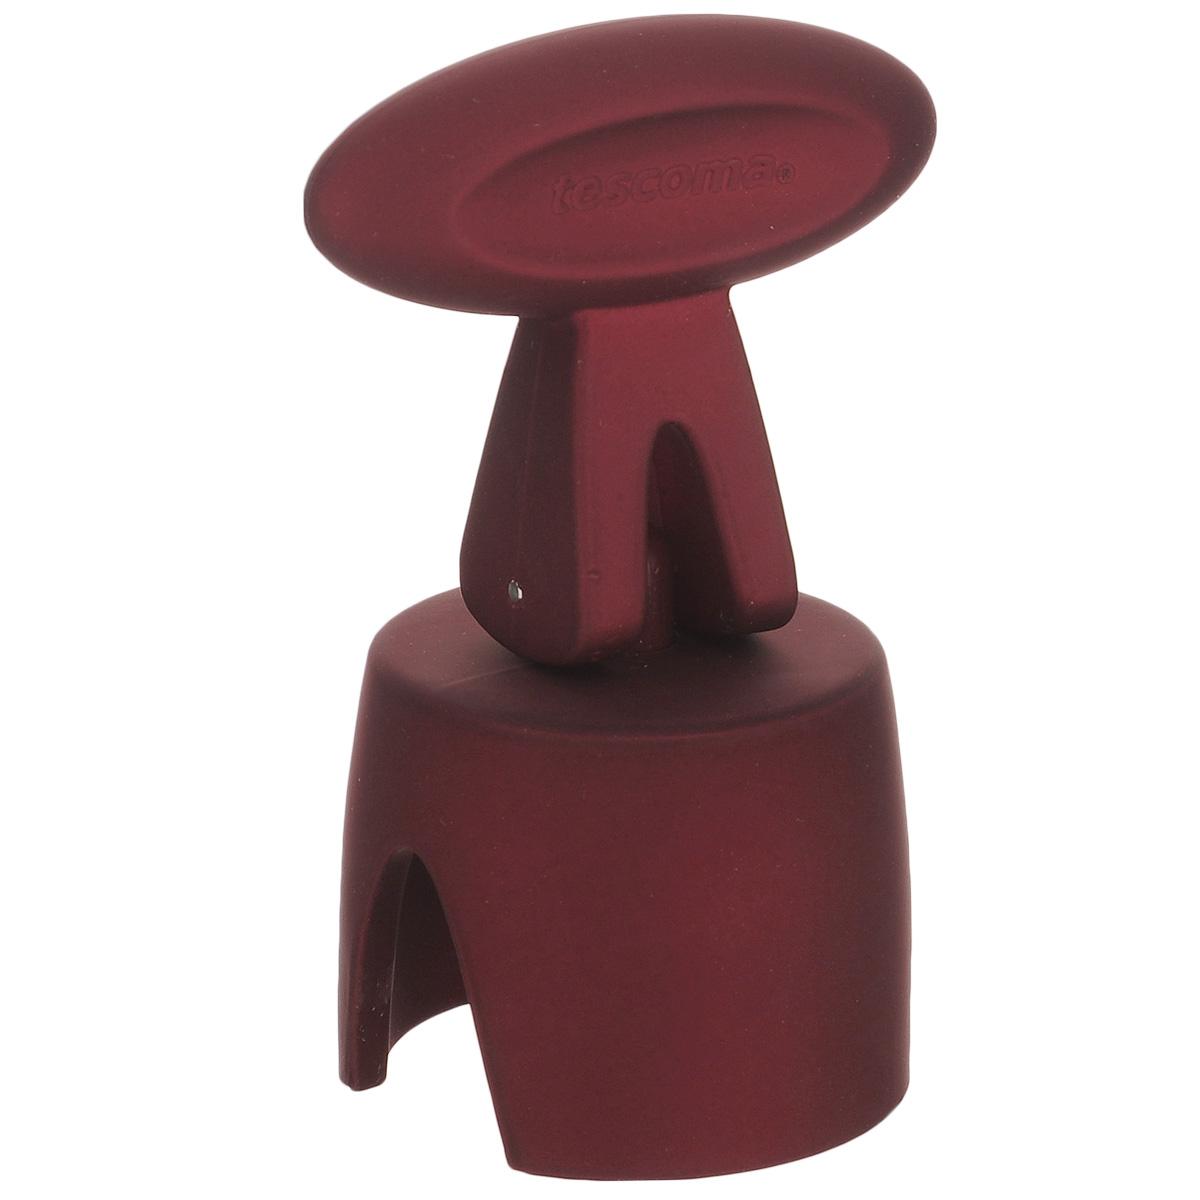 """Пробка для шампанского Tescoma """"Uno Vino"""" отлично подходит для герметичного закрытия бутылок с игристыми винами. Шампанское в бутылке с такой пробкой остается свежим дольше. Пробка изготовлена из высокопрочного пластика с прорезиненным покрытием. Очень простой и функциональный инструмент на любой кухне. Не рекомендуется мыть в посудомоечной машине."""